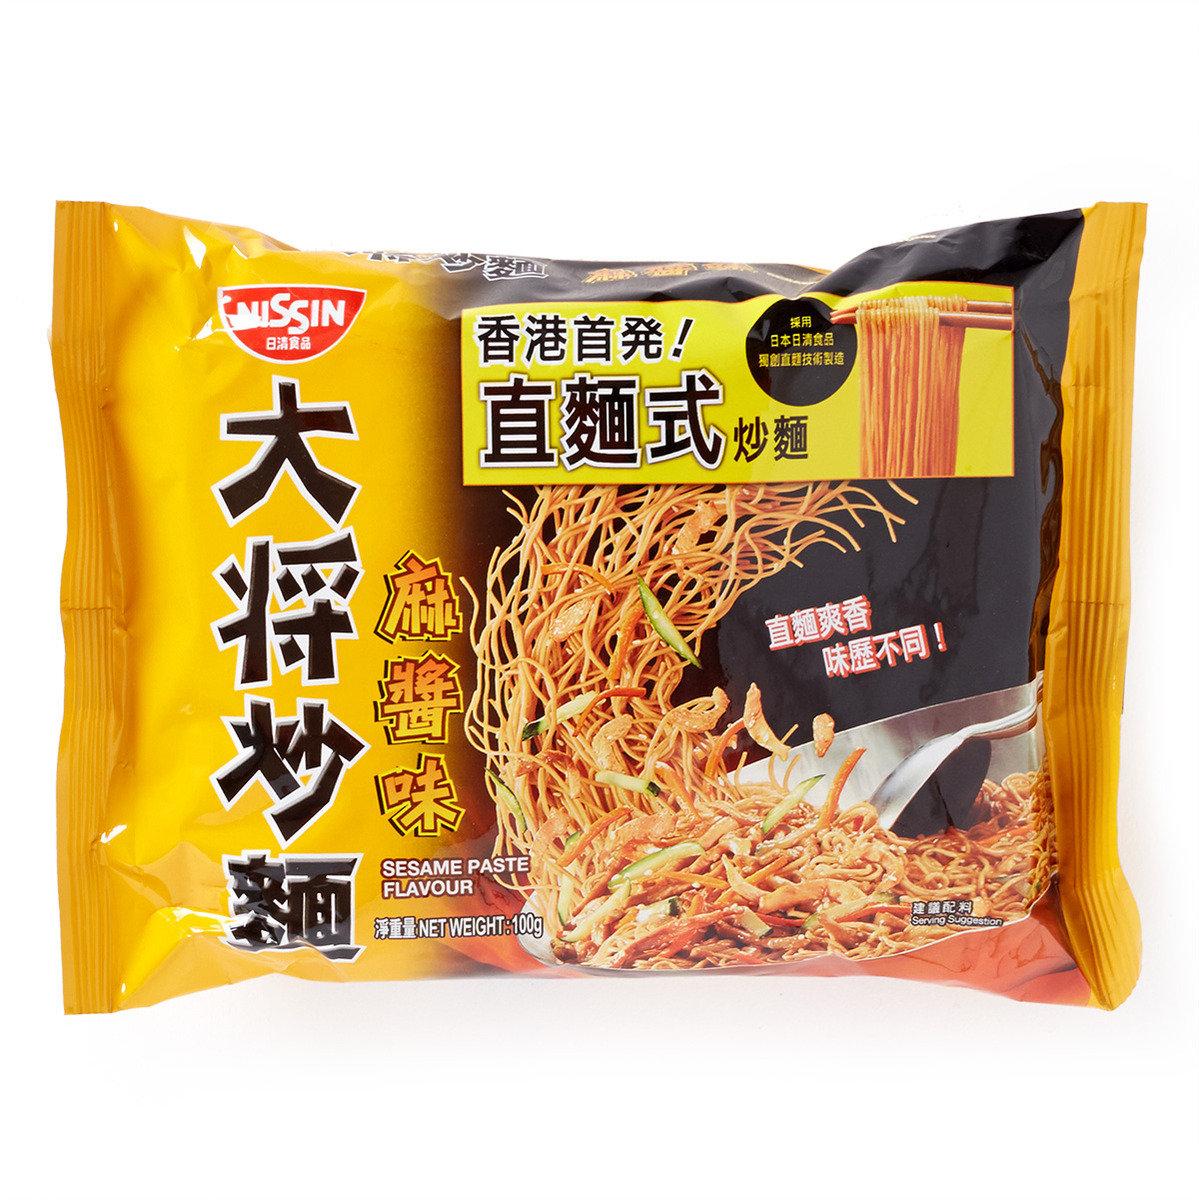 大將炒麵 - 麻醬味 (包裝)